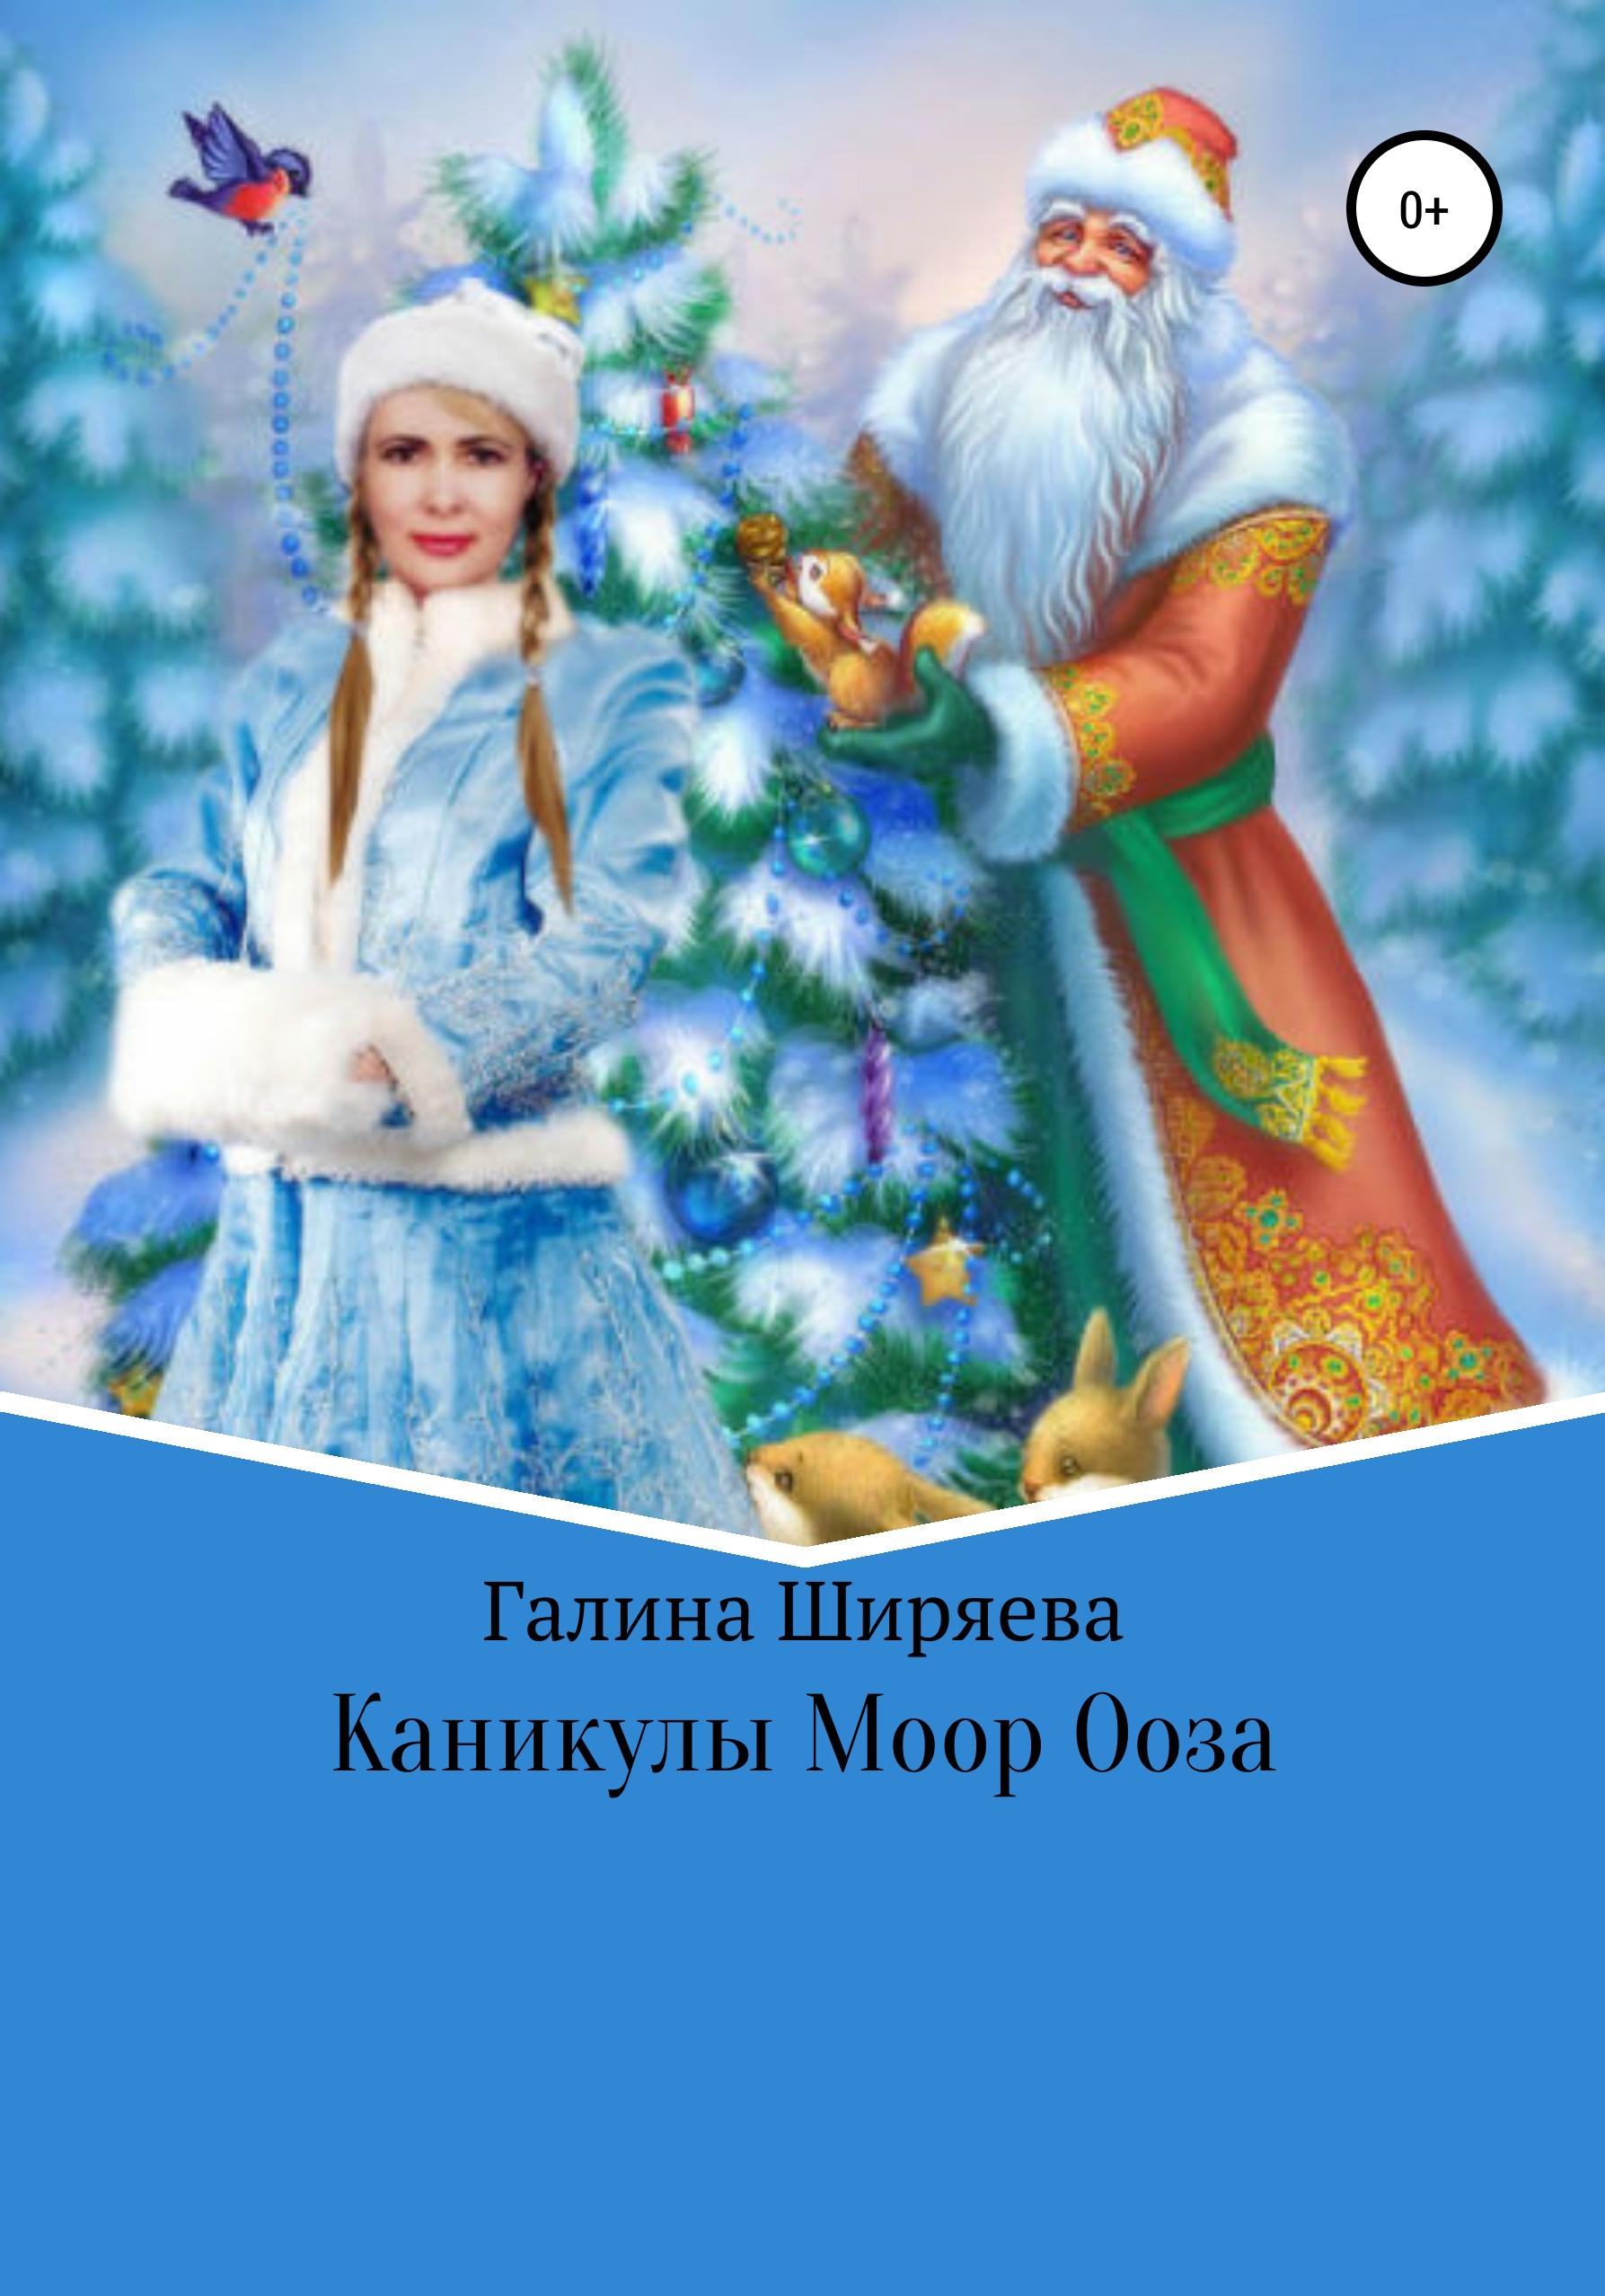 Купить книгу Каникулы Моор Ооза, автора Галины Ширяевой